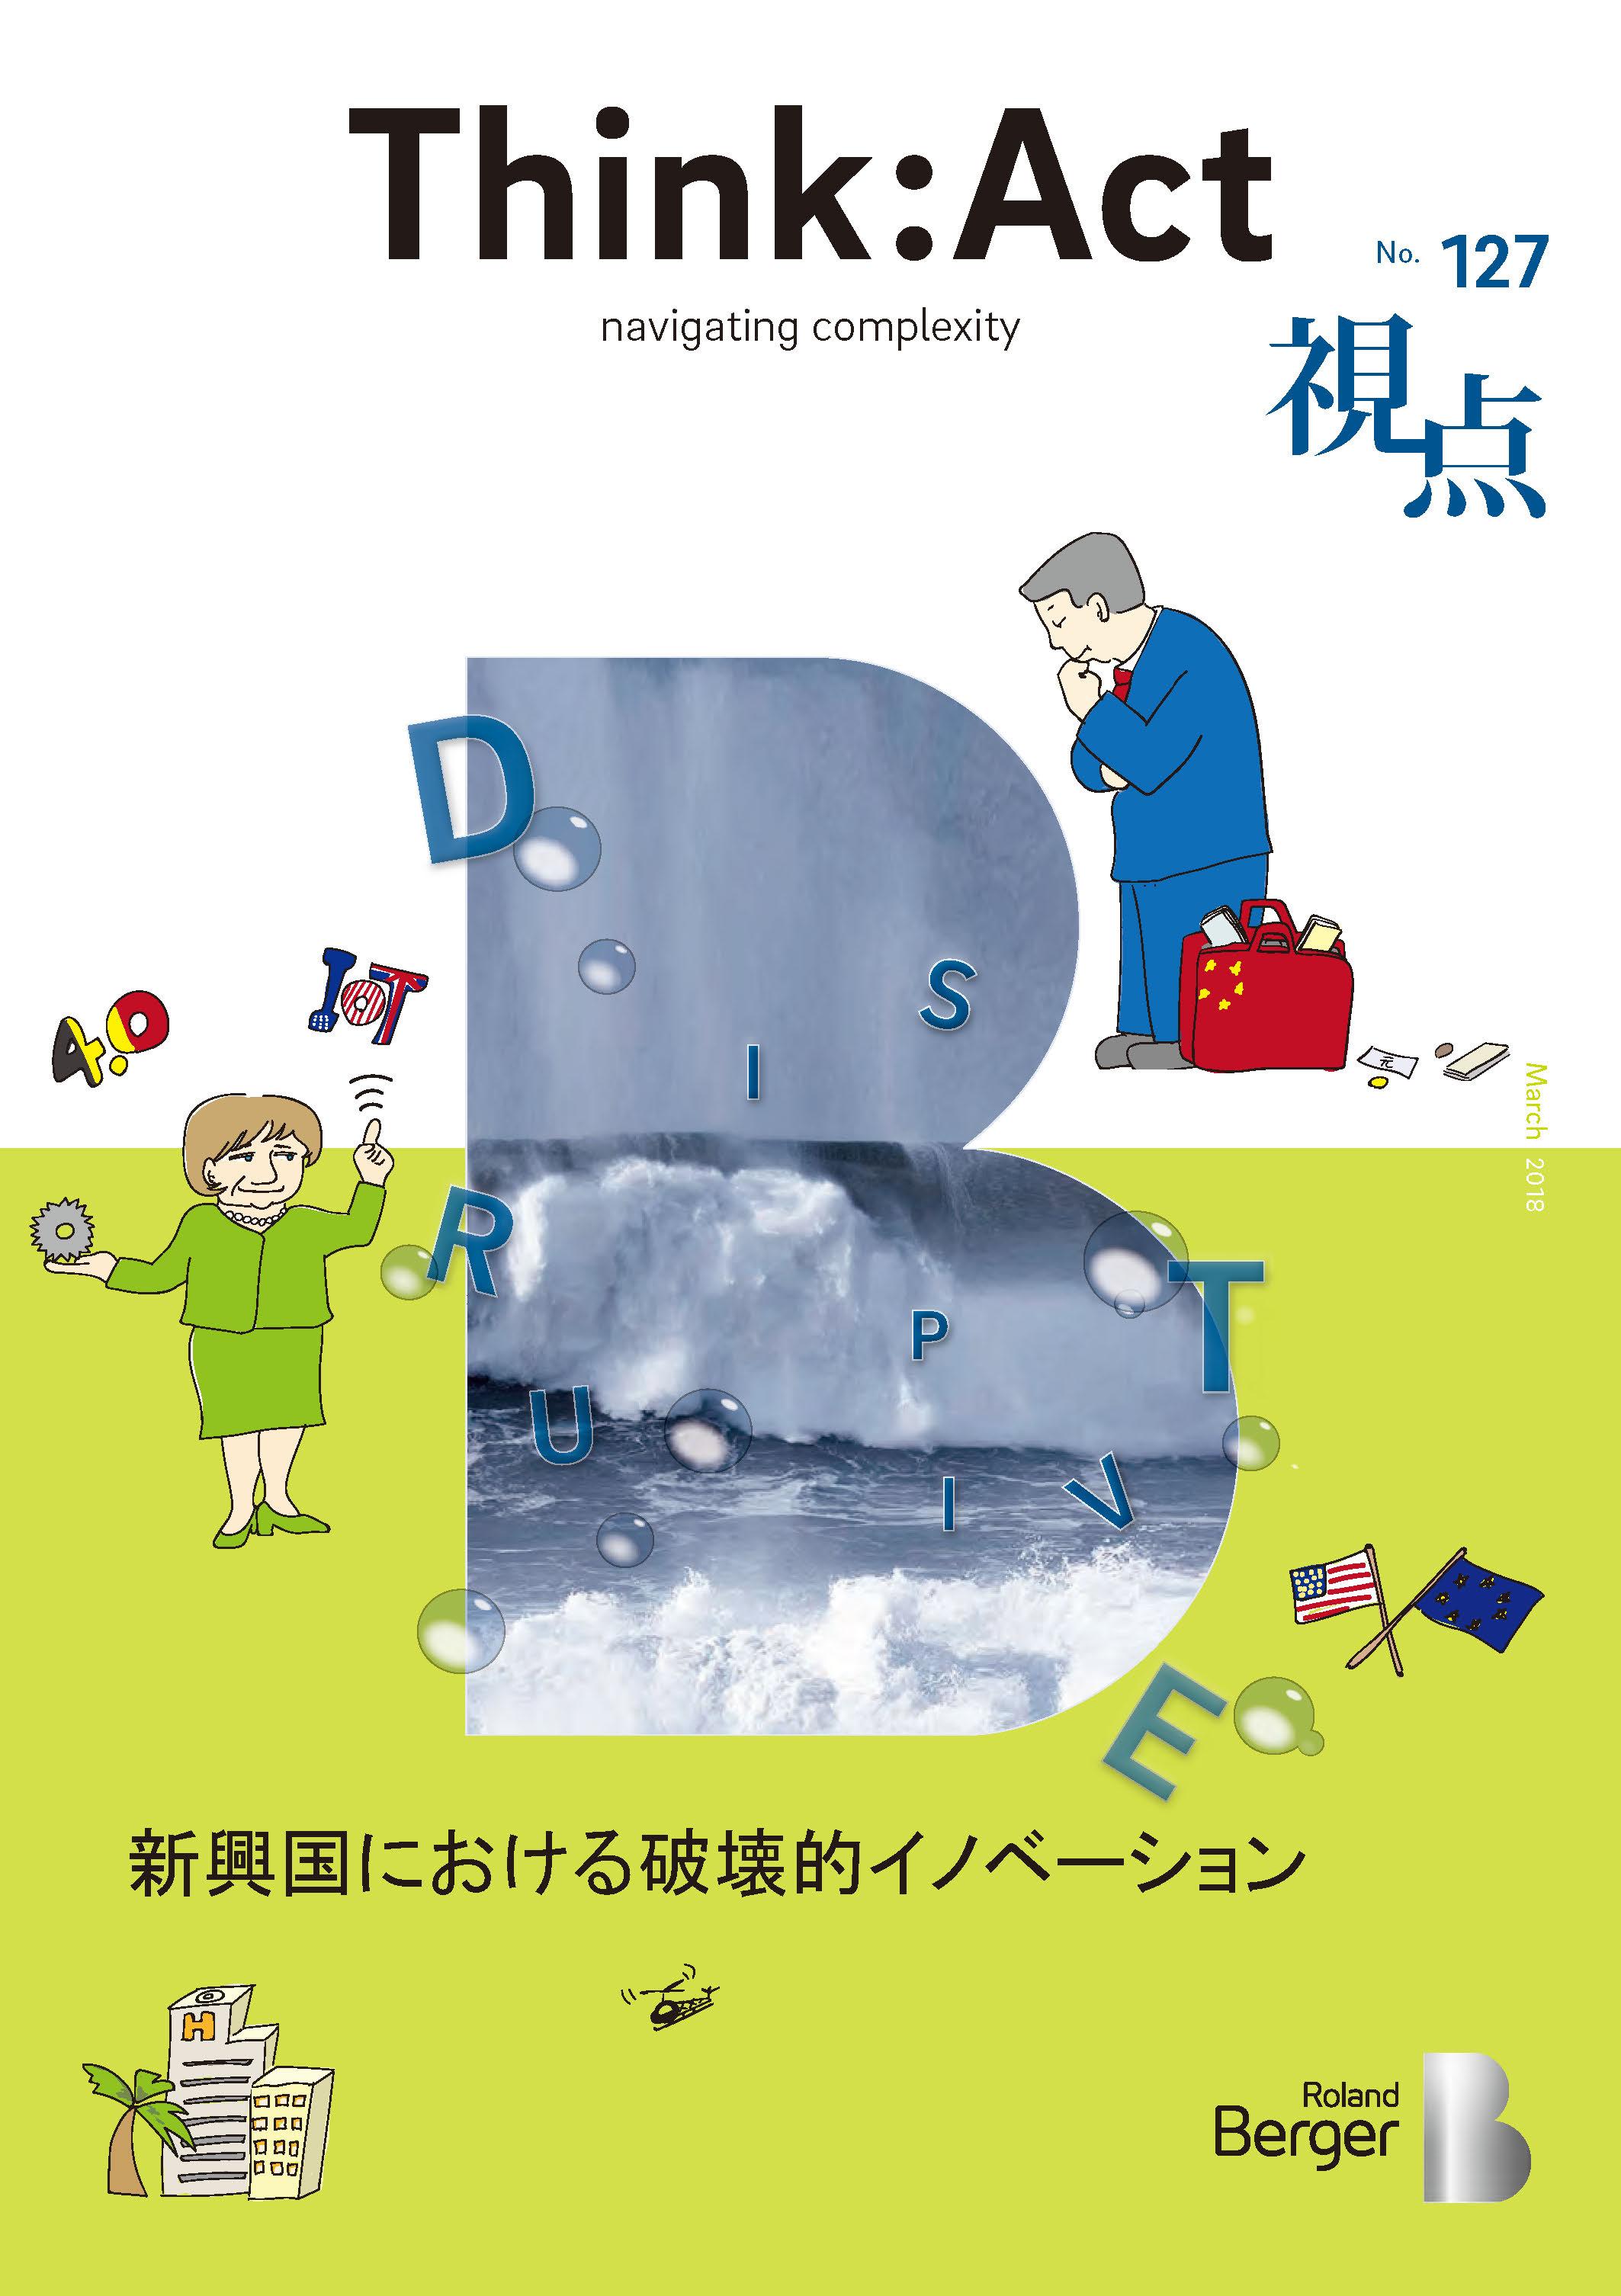 【視点127号】新興国における破壊的イノベーション